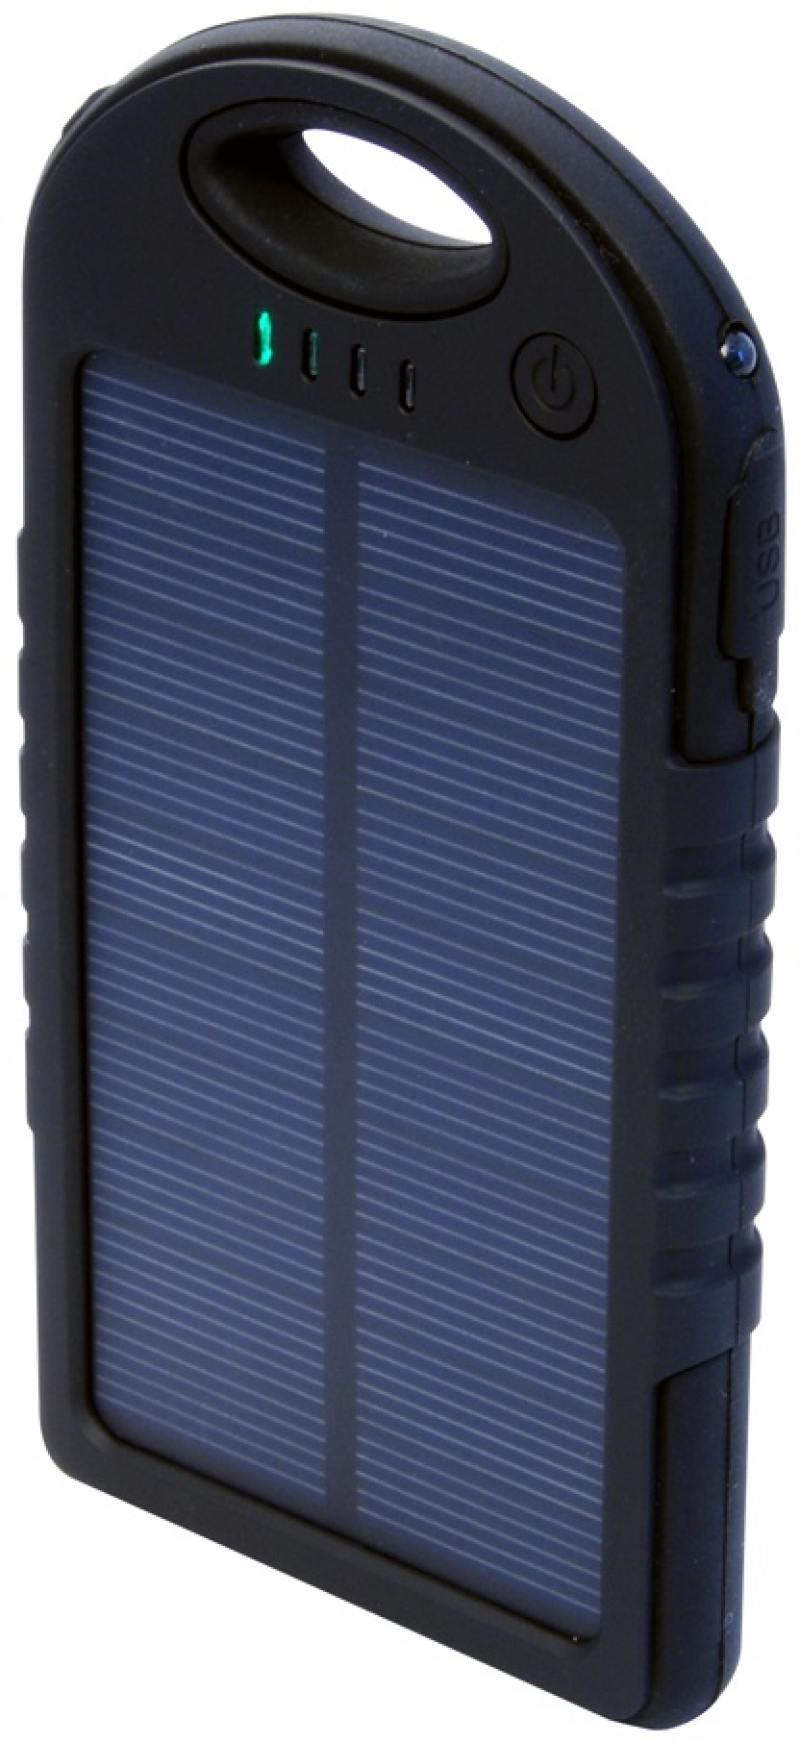 Портативное зарядное устройство IconBIT FTB Trave FT-0050T 5000mAh черный